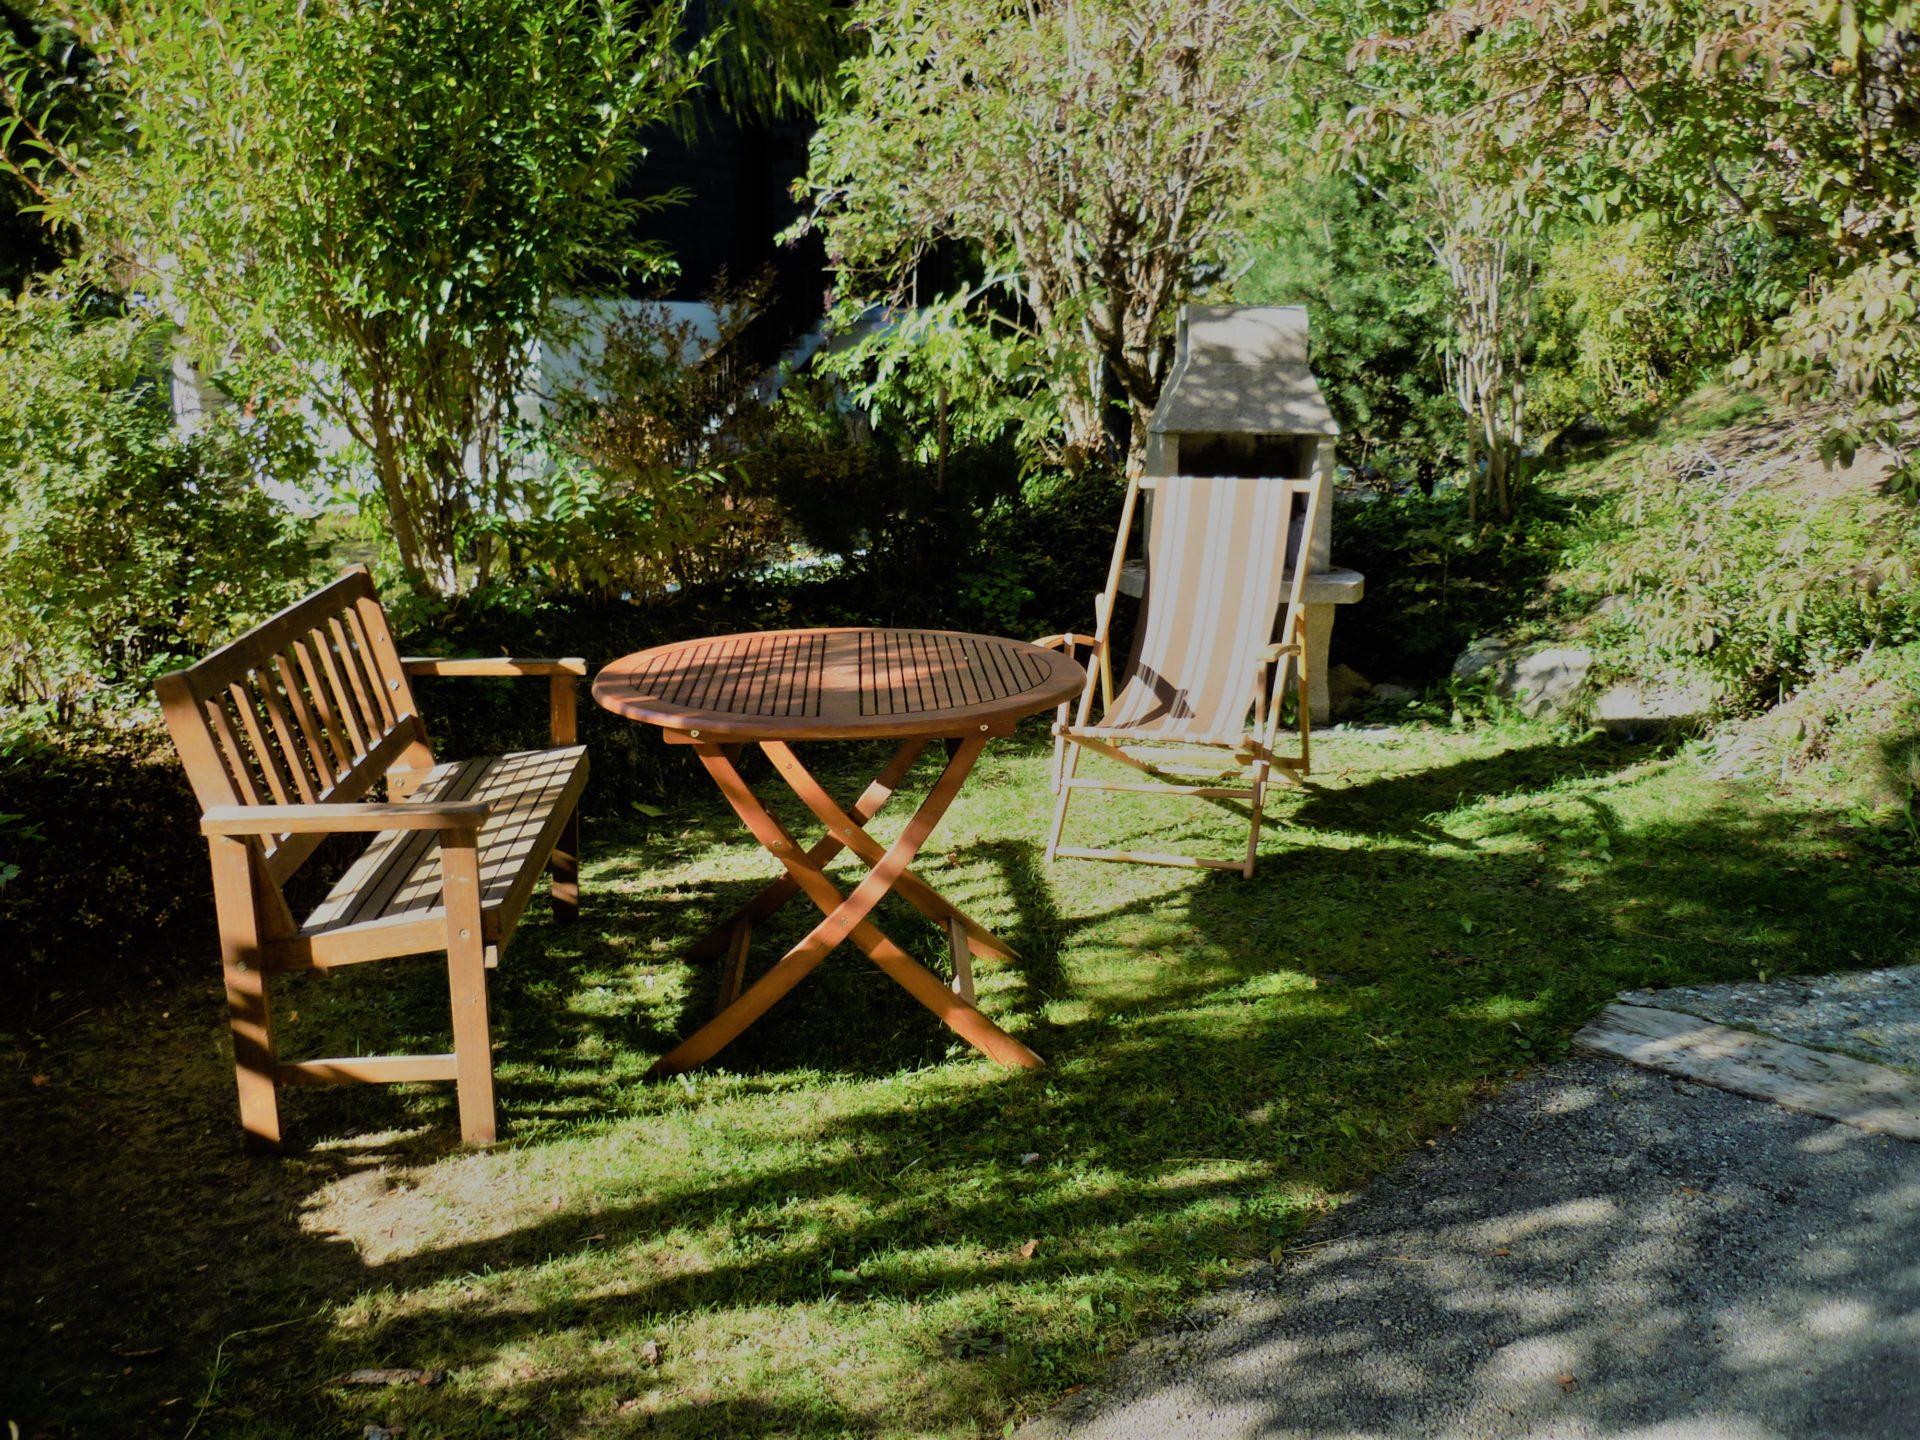 Sitzplatz mit Cheminé